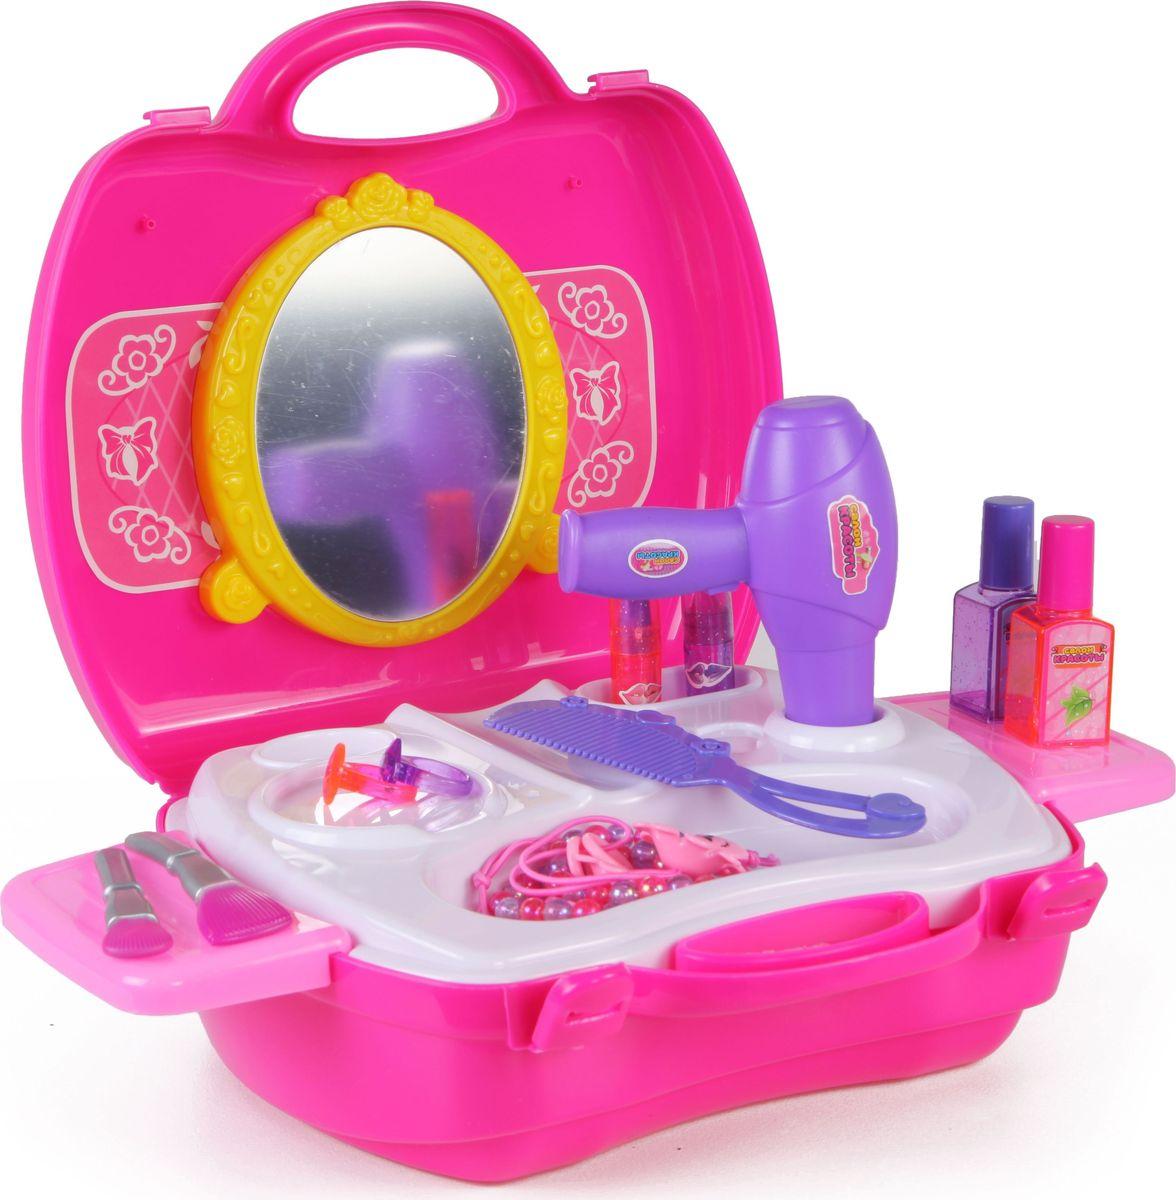 Yako Игровой набор Салон красоты в чемоданчике игровой набор в чемоданчике салон красоты для собак 16 предметов 1toy 1toy